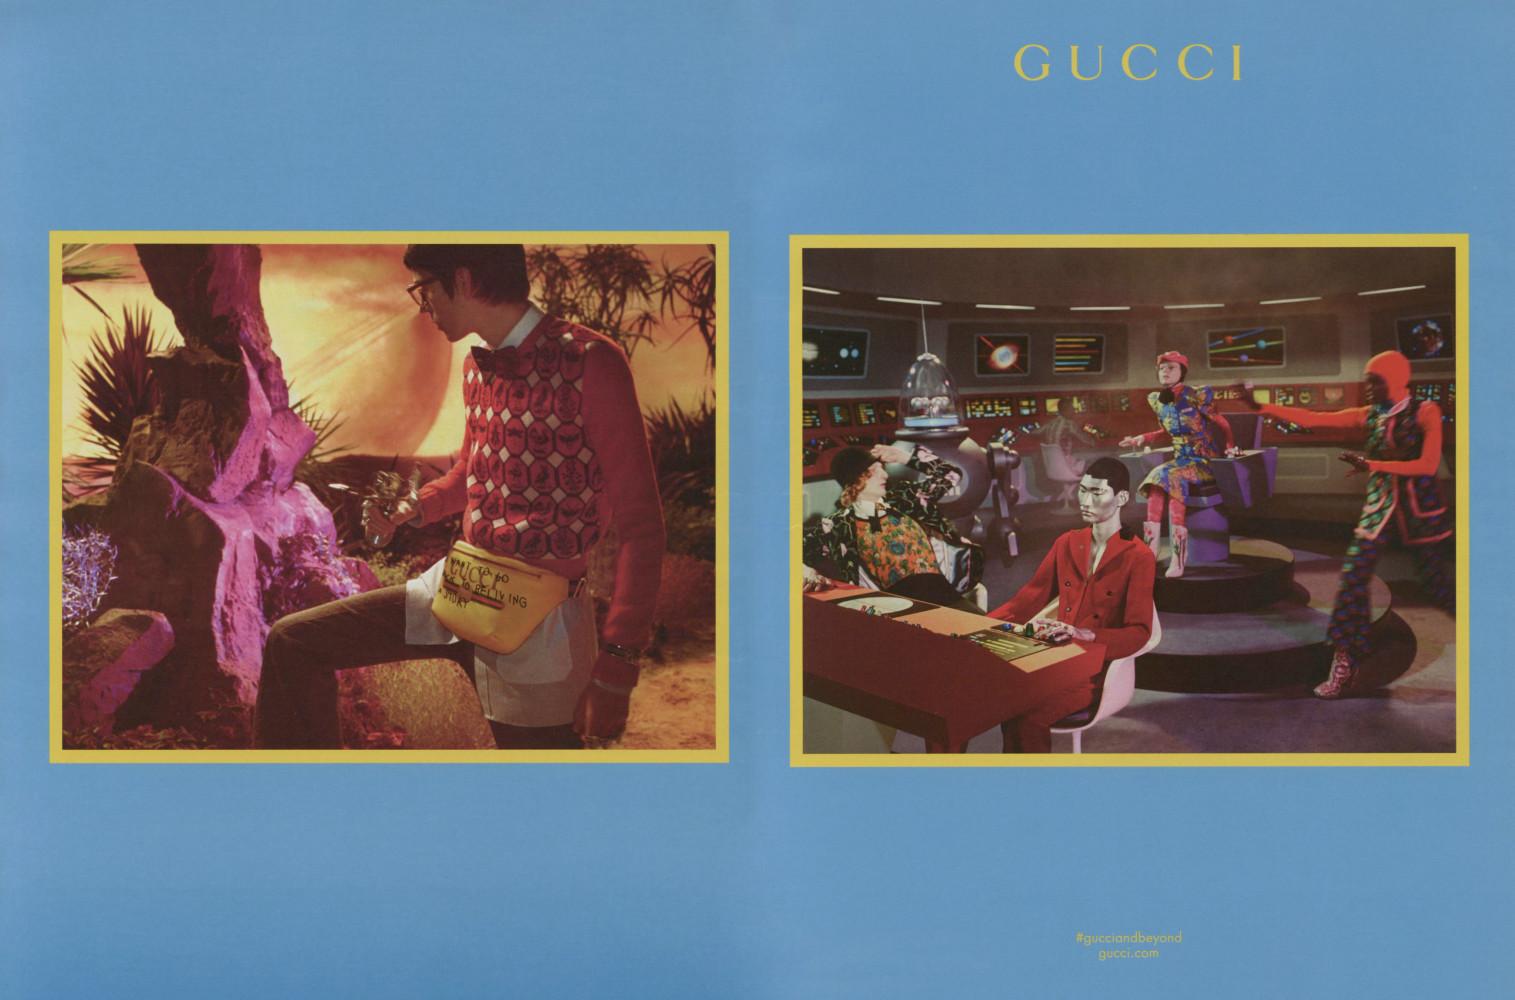 Gucci FW1718 campaign